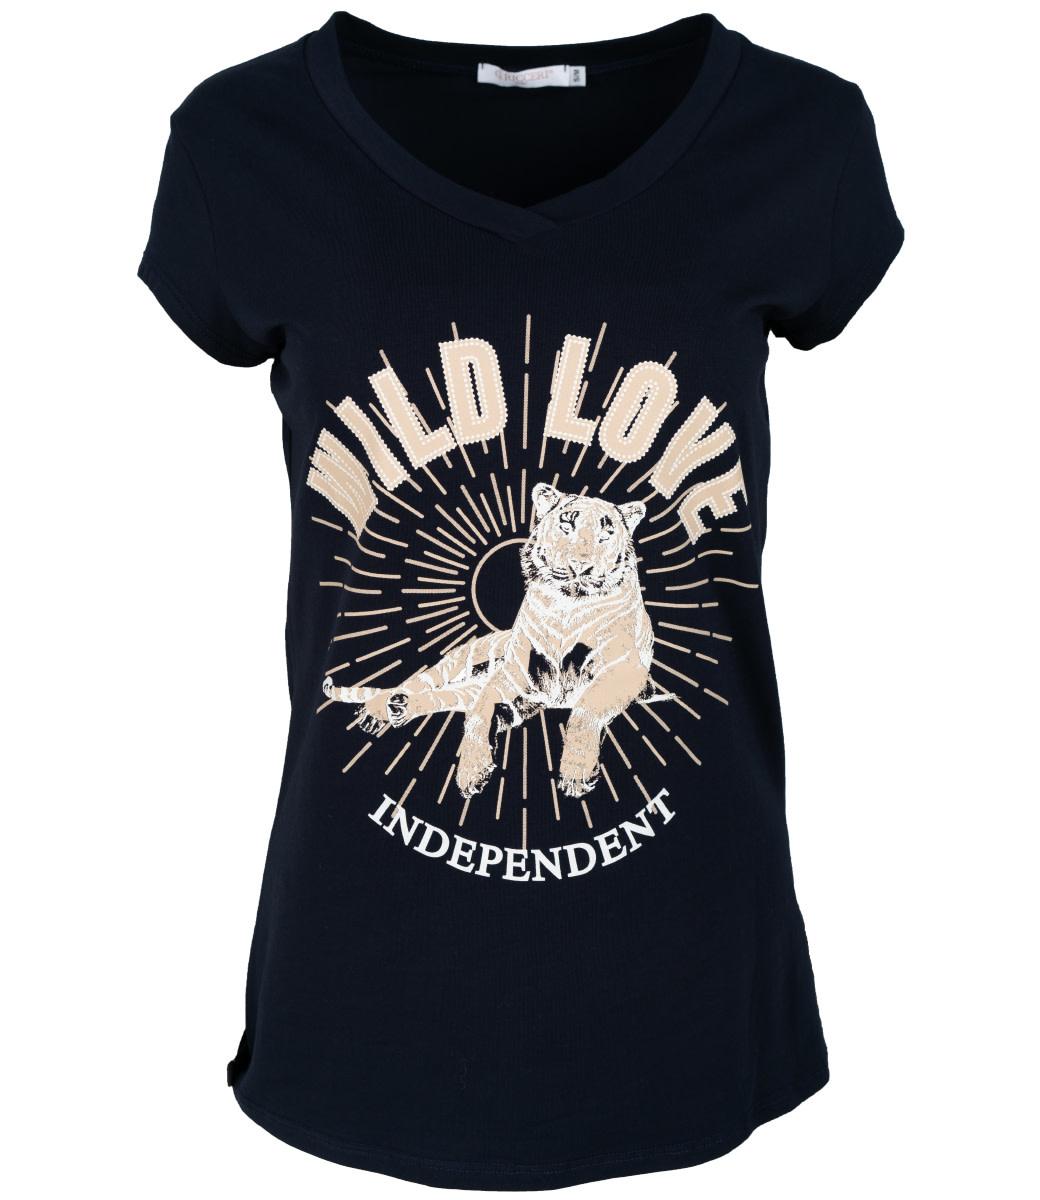 Gemma Ricceri Shirt donkerblauw wild love